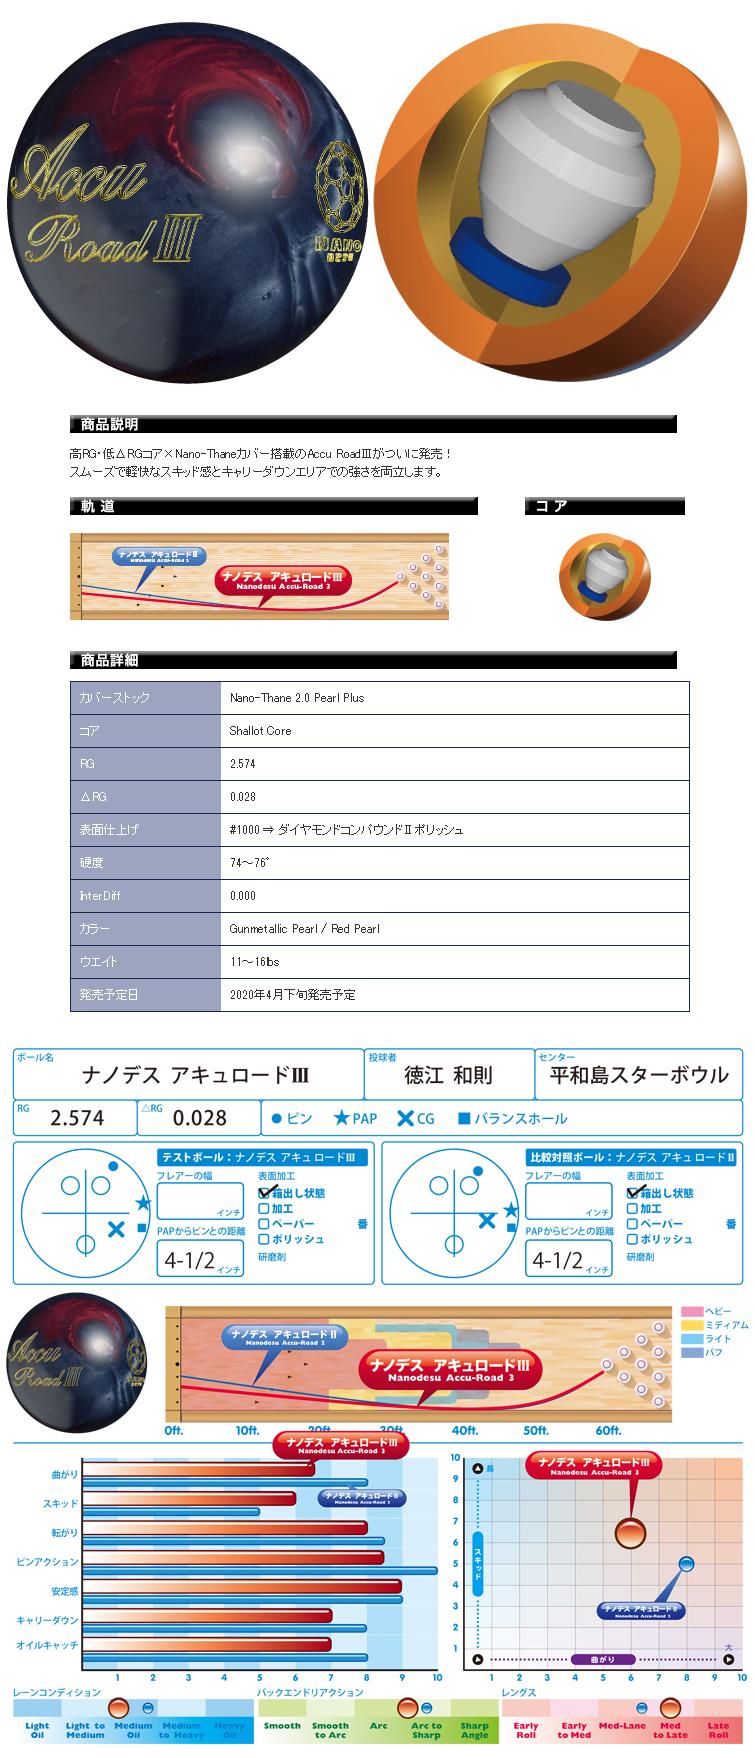 ボウリング用品 ボウリングボール ABS ナノデス アキュロード3 NANODESU Accu Road 3